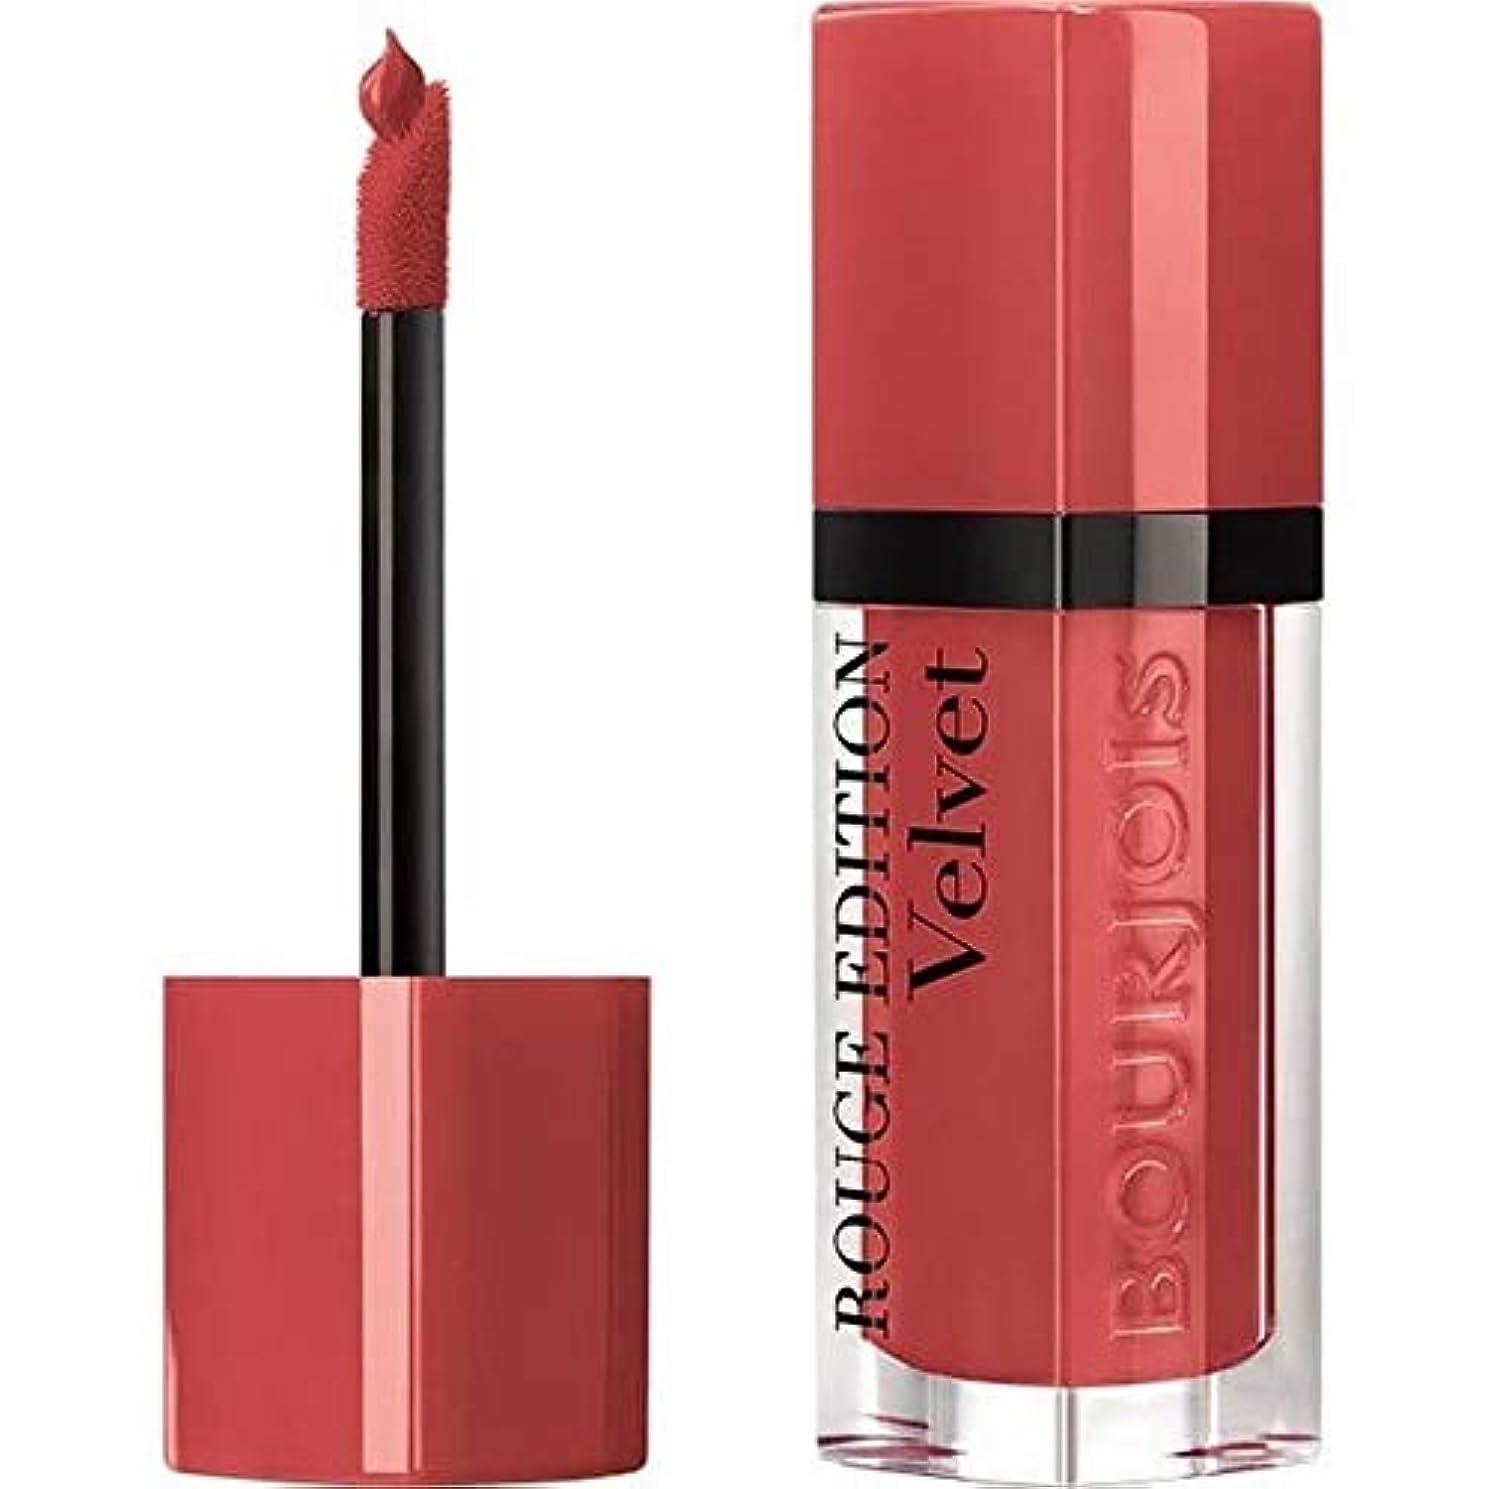 証言把握毎月[Bourjois ] ブルジョワルージュ版ベルベットの口紅の桃クラブ4 - Bourjois Rouge Edition Velvet lipstick Peach Club 4 [並行輸入品]